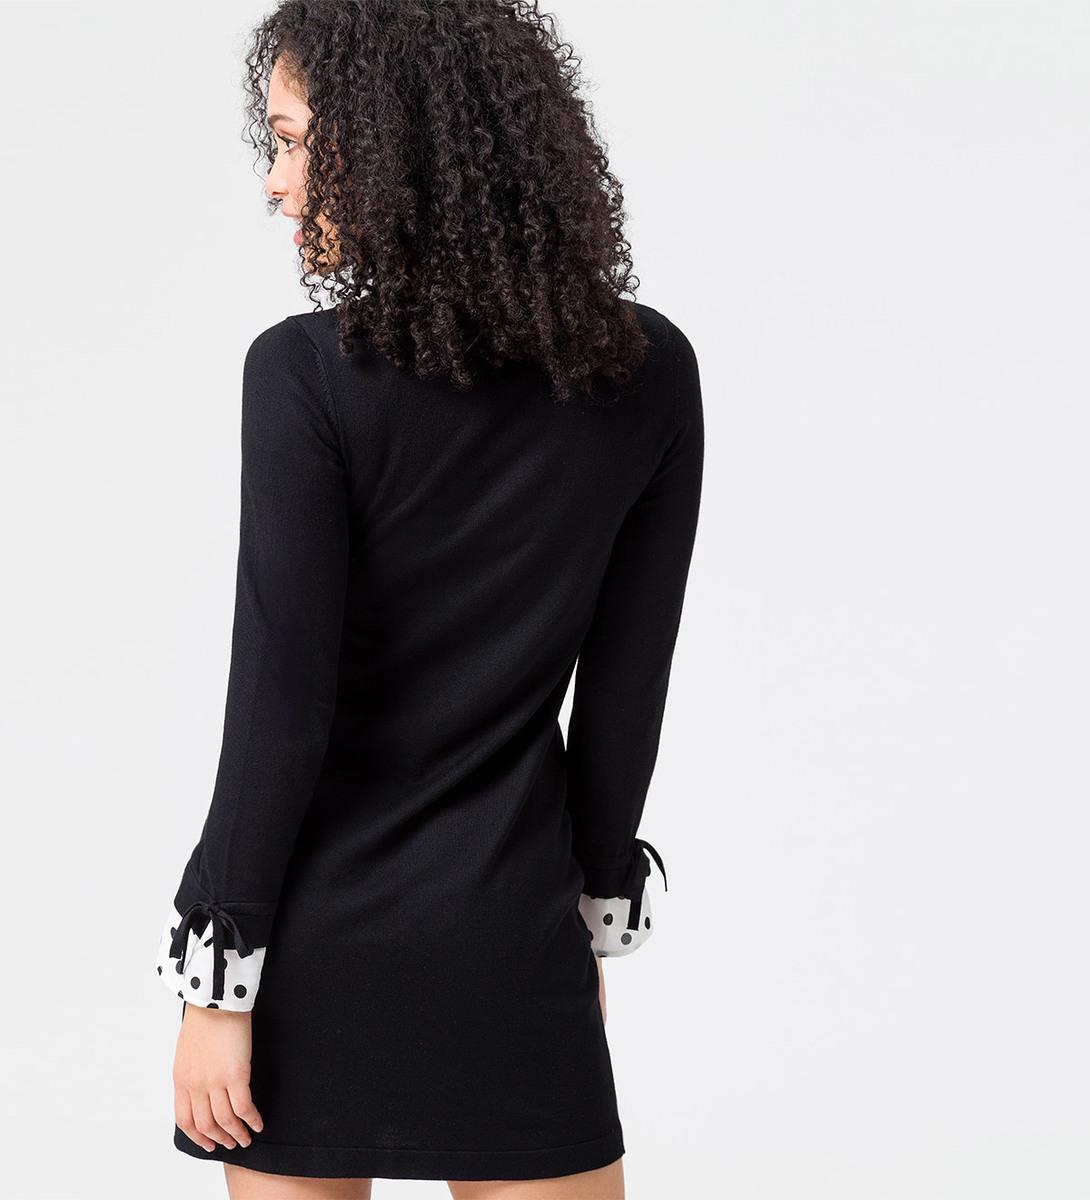 Strickkleid mit langen Ärmeln in black